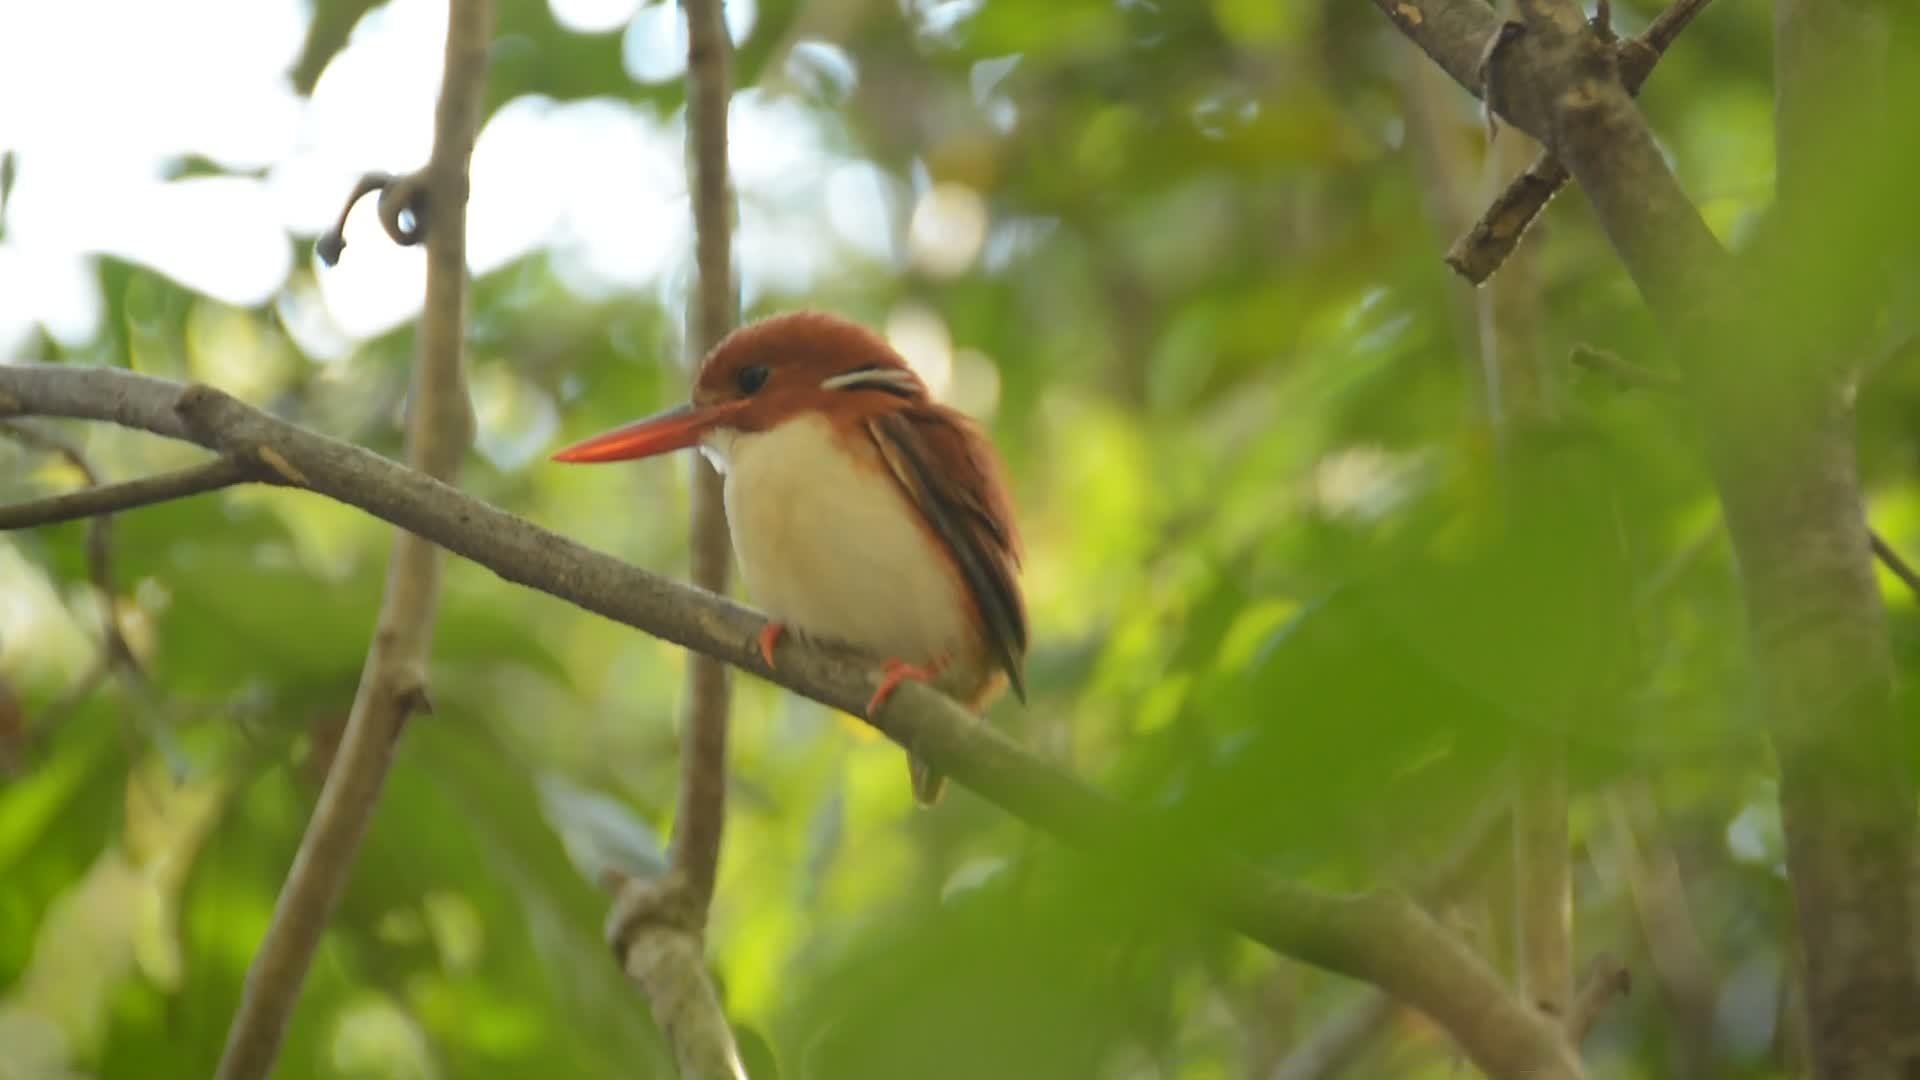 birbs, Madagascan pygmy kingfisher GIFs